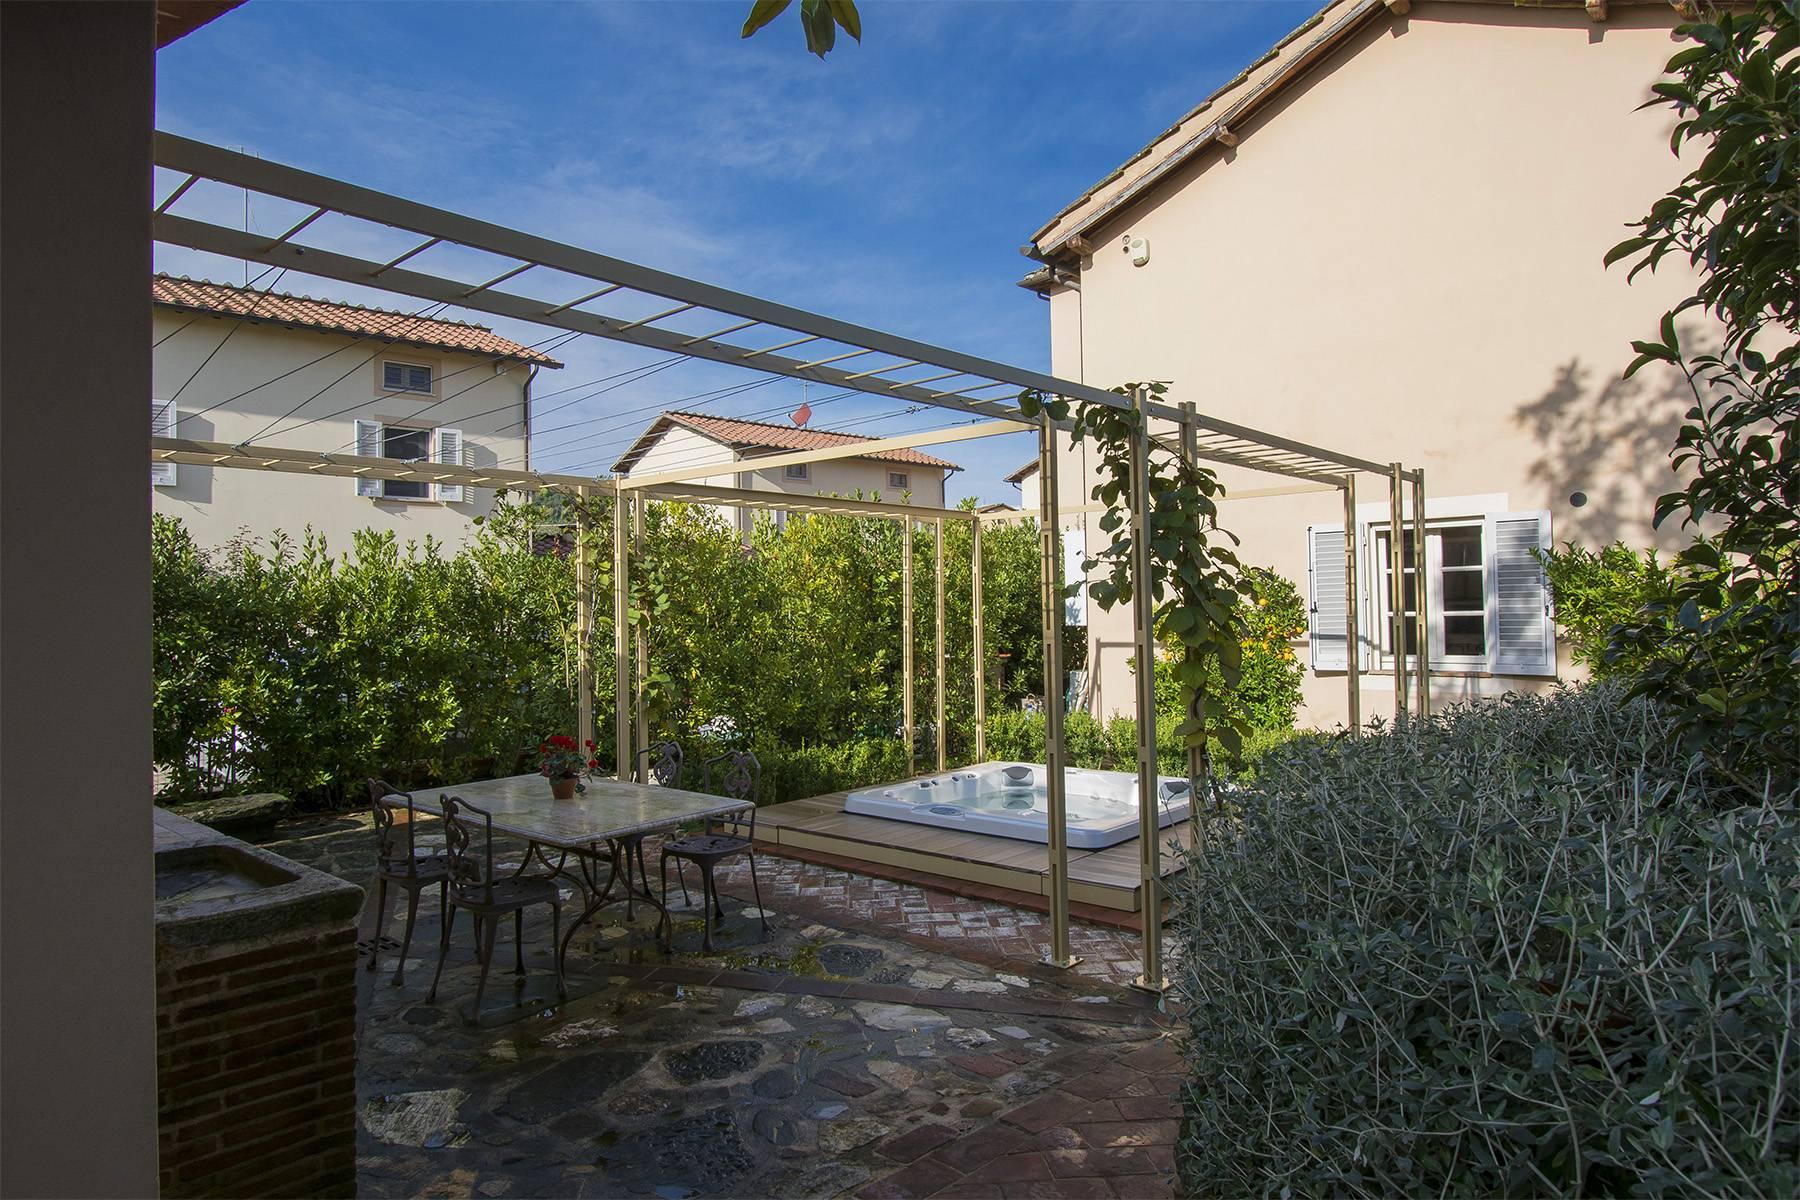 Casa indipendente in Vendita a Lucca: 5 locali, 130 mq - Foto 17